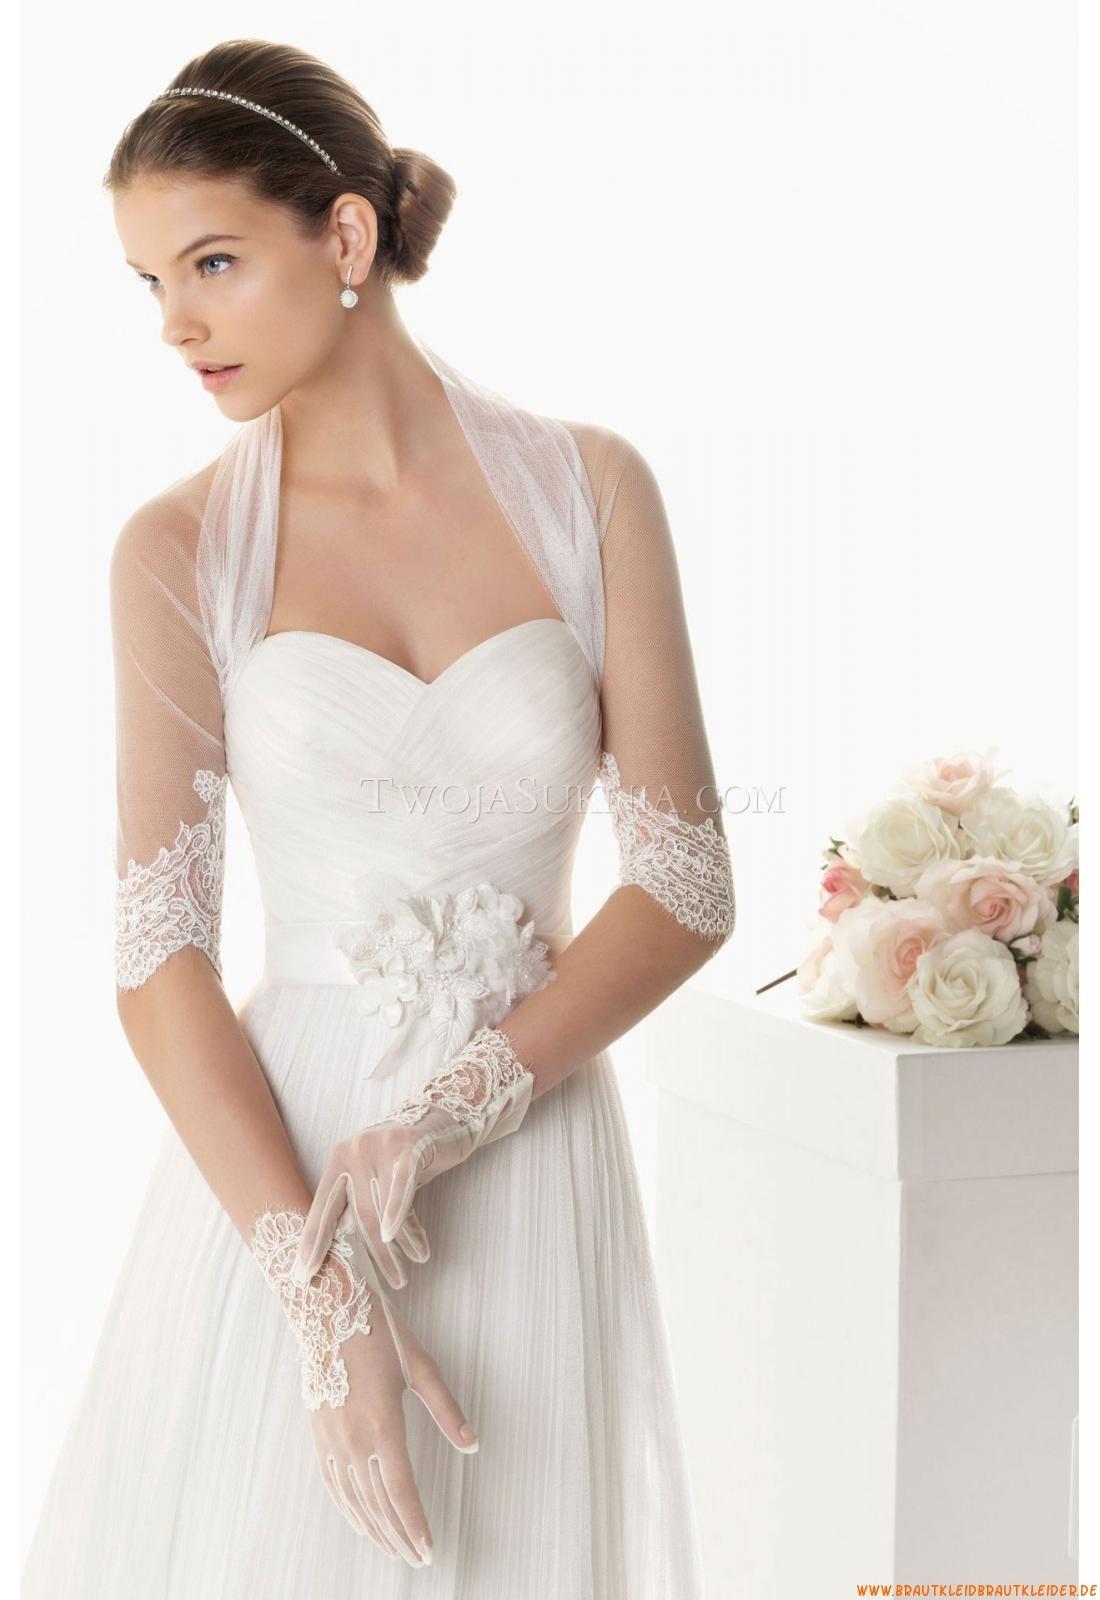 Trägerlos Elegante Brautkleider 2014 aus Chiffon | Hochzeitskleid ...